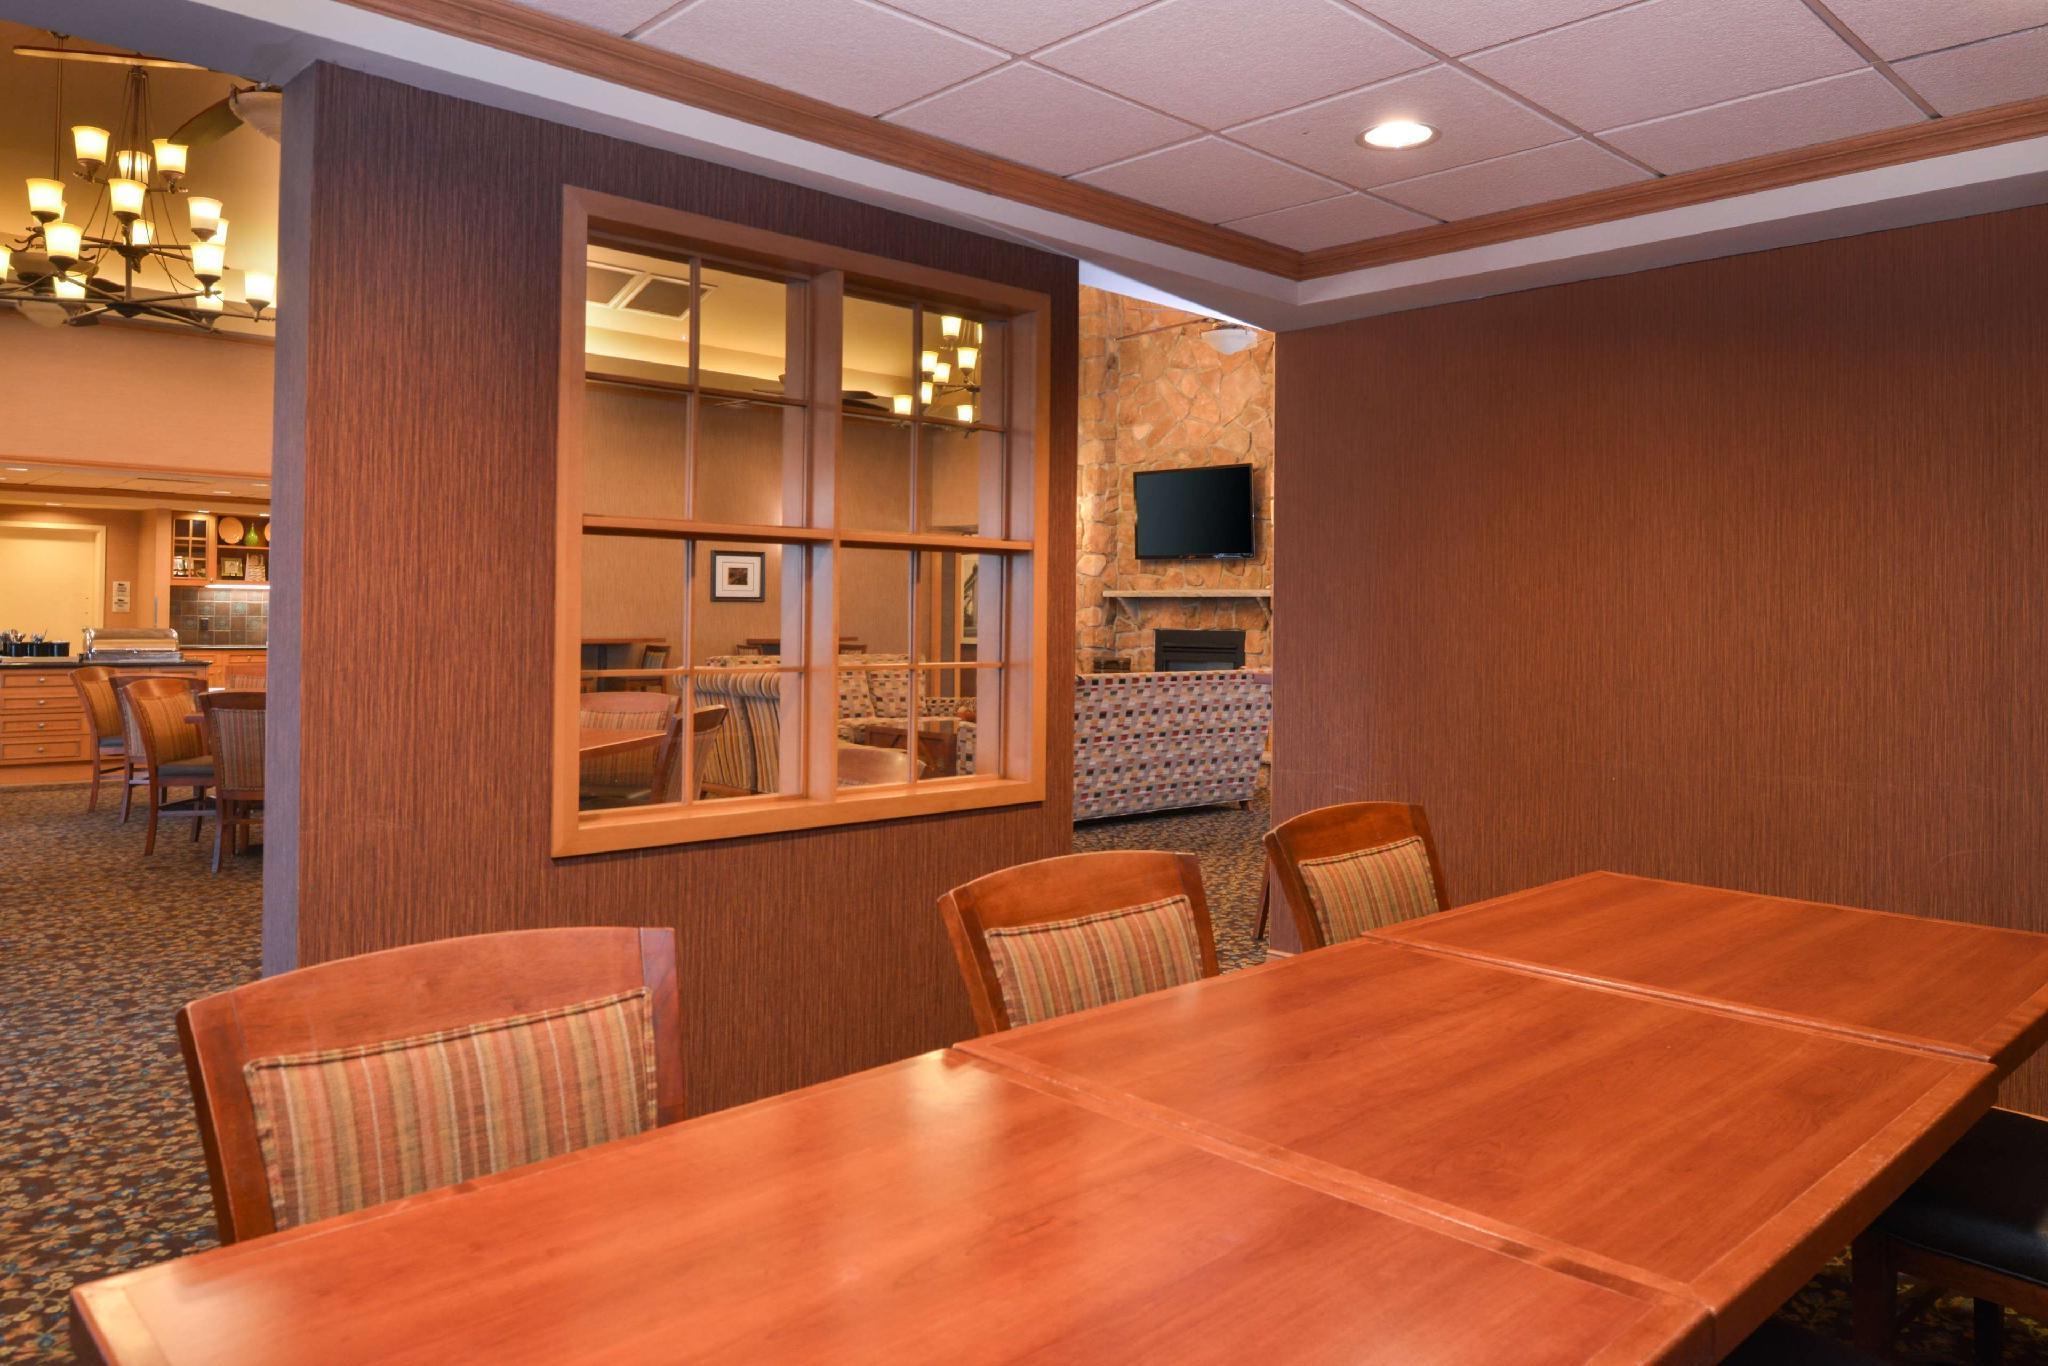 Homewood Suites Allenton West Discount